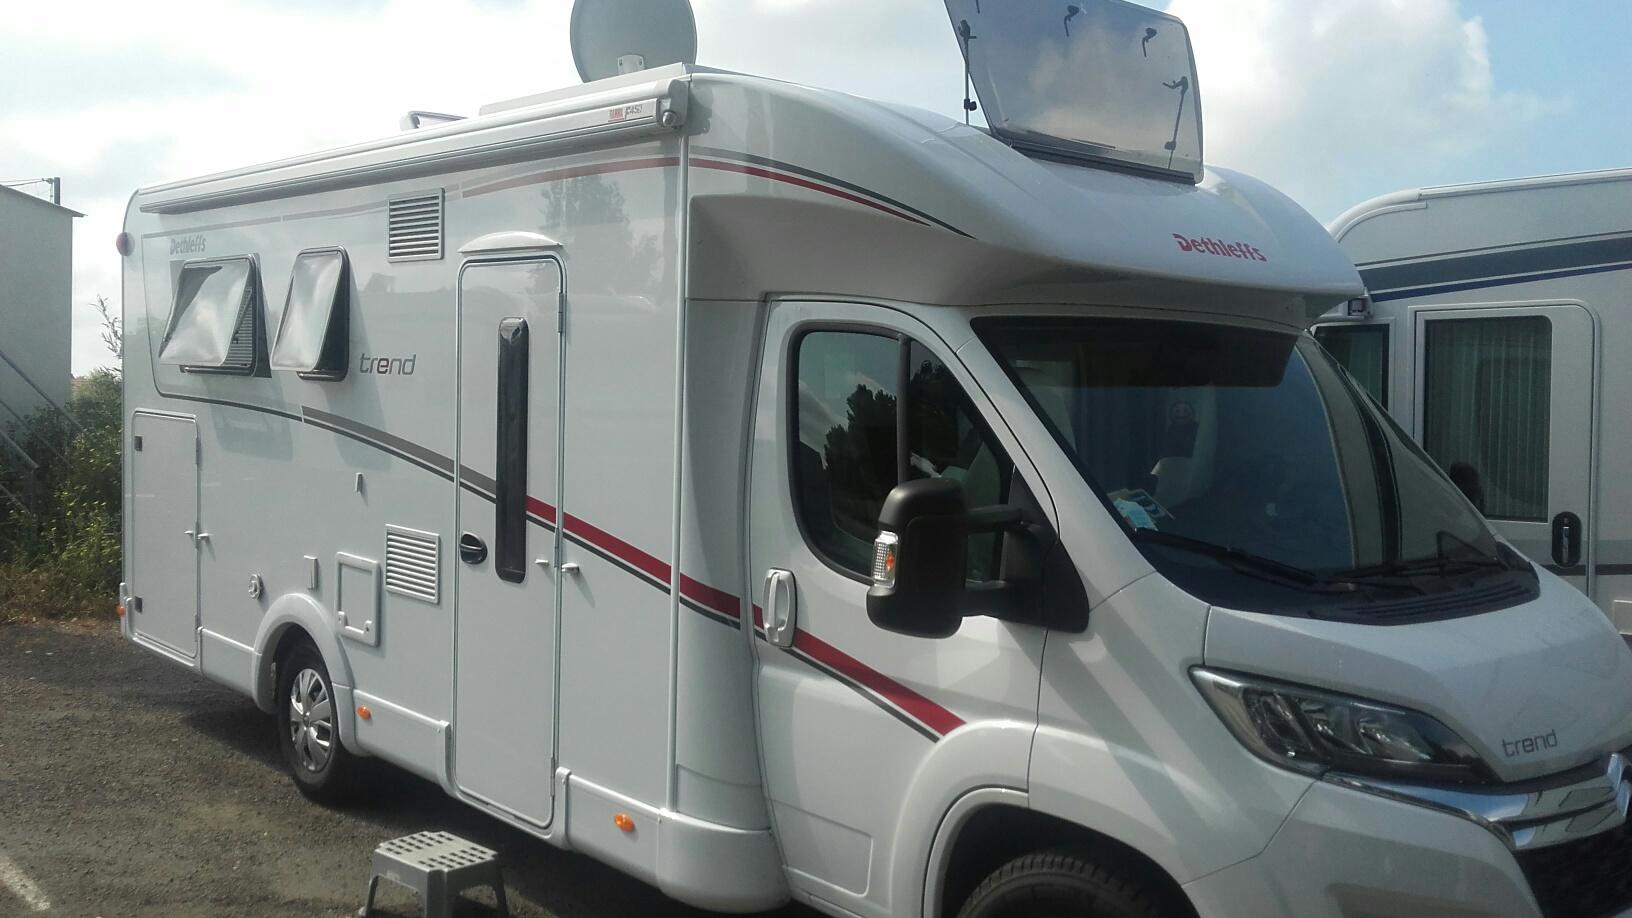 Camping-car DETHLEFFS Trend T 7057 DBM